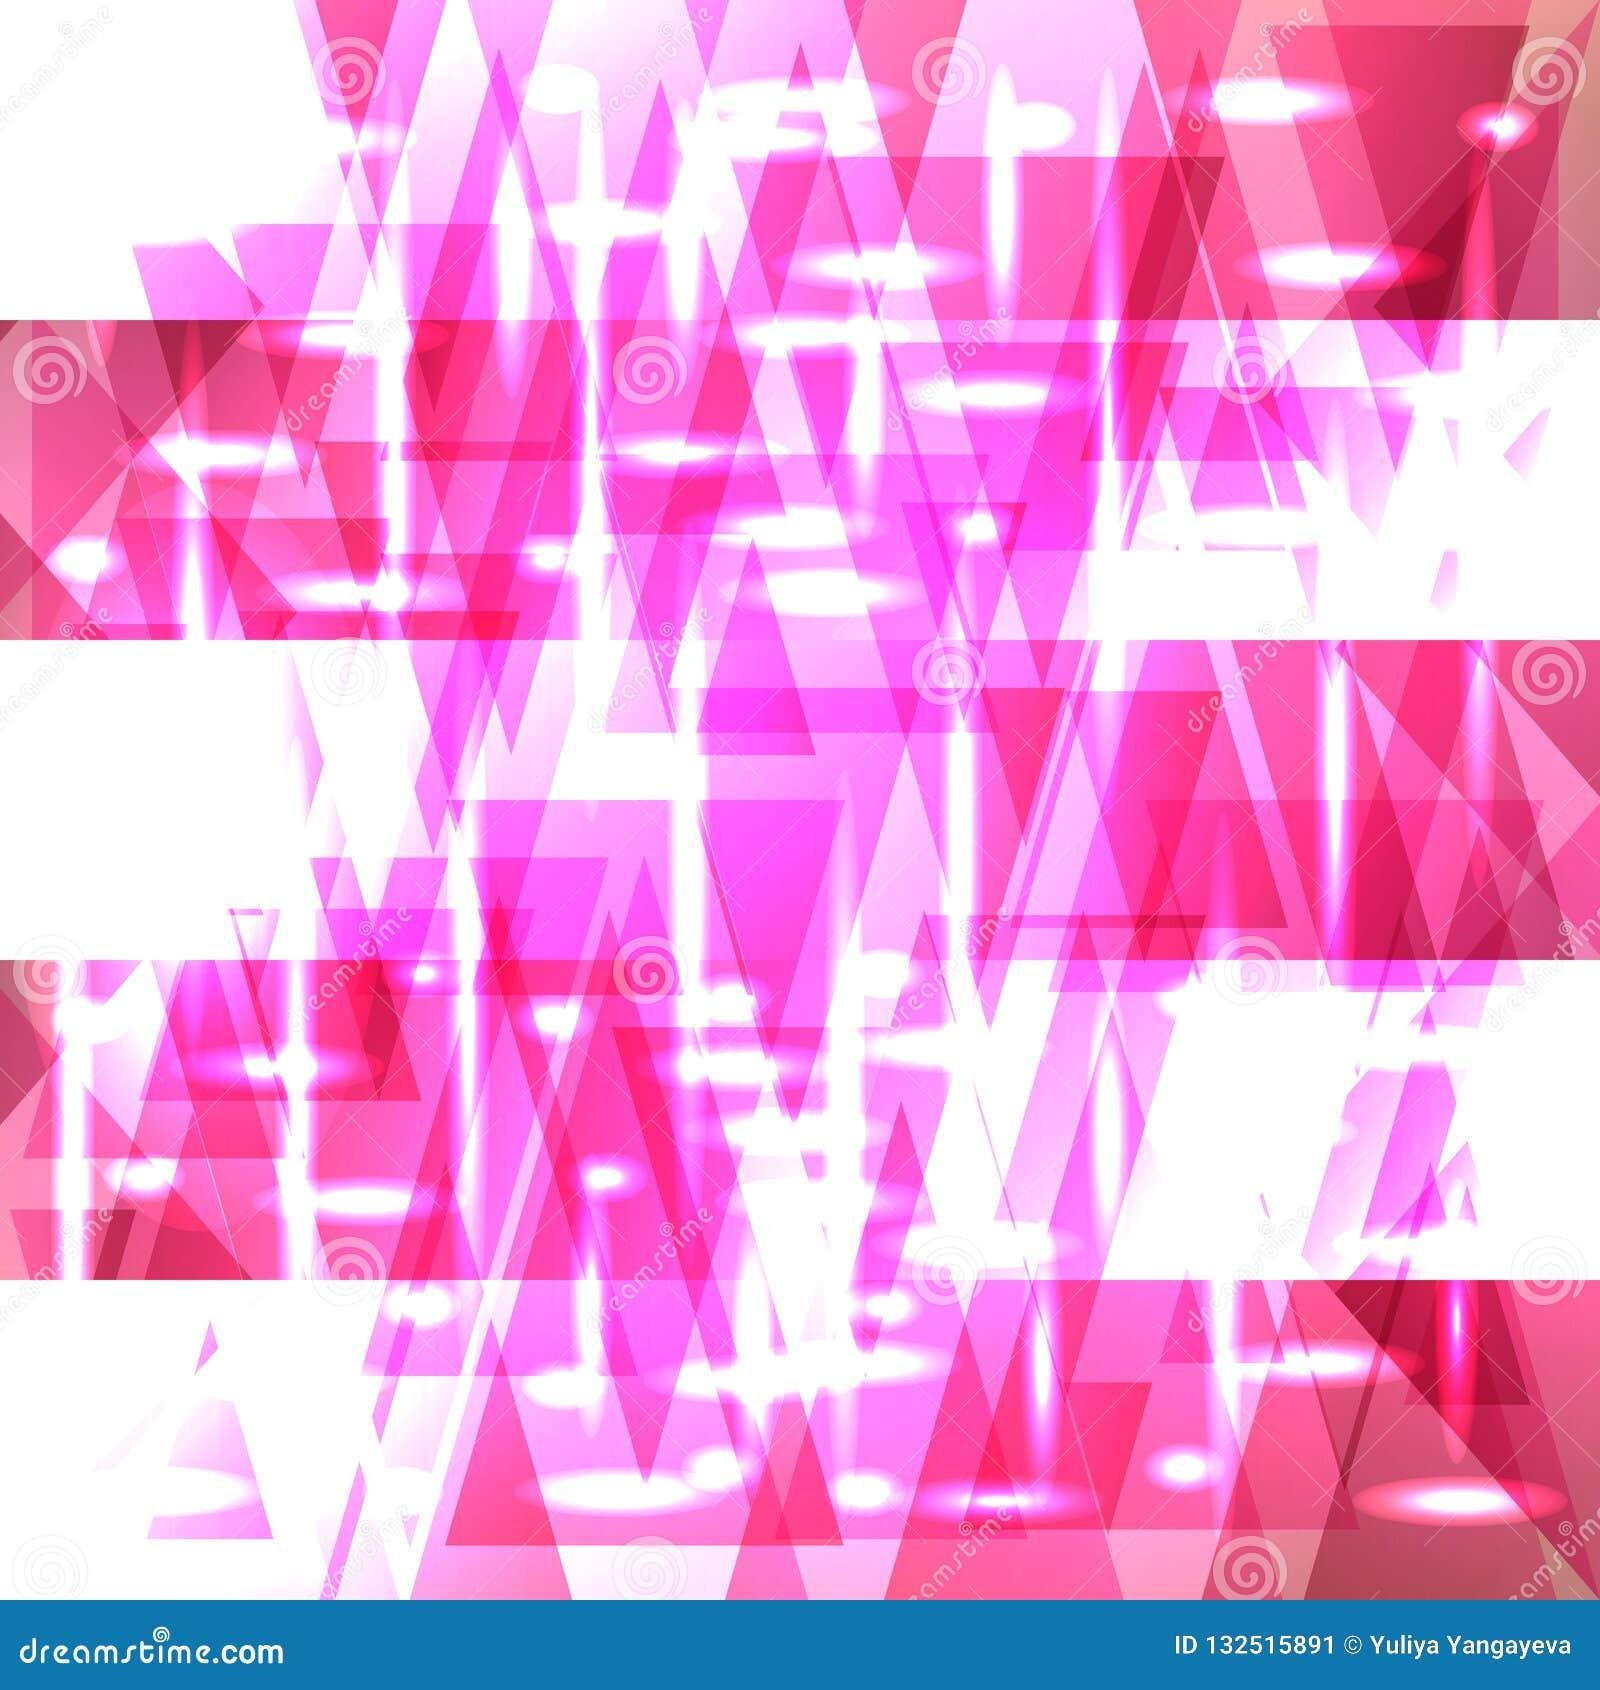 Flamingomuster des Vektors glänzendes Farbvon Scherben und von Streifen